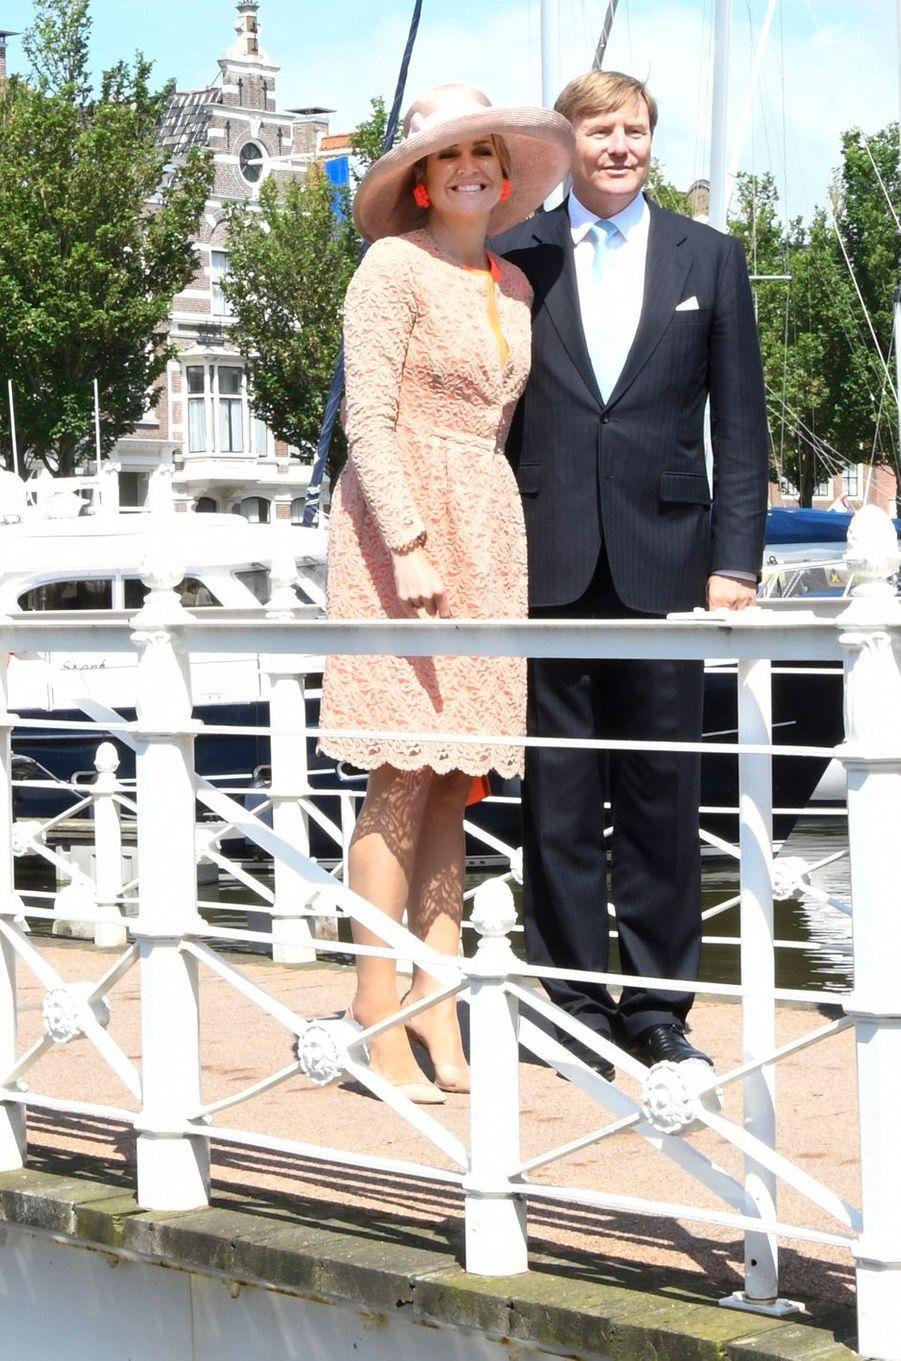 La reine Maxima et le roi Willem-Alexander des Pays-Bas en Frise, le 13 juin 2016